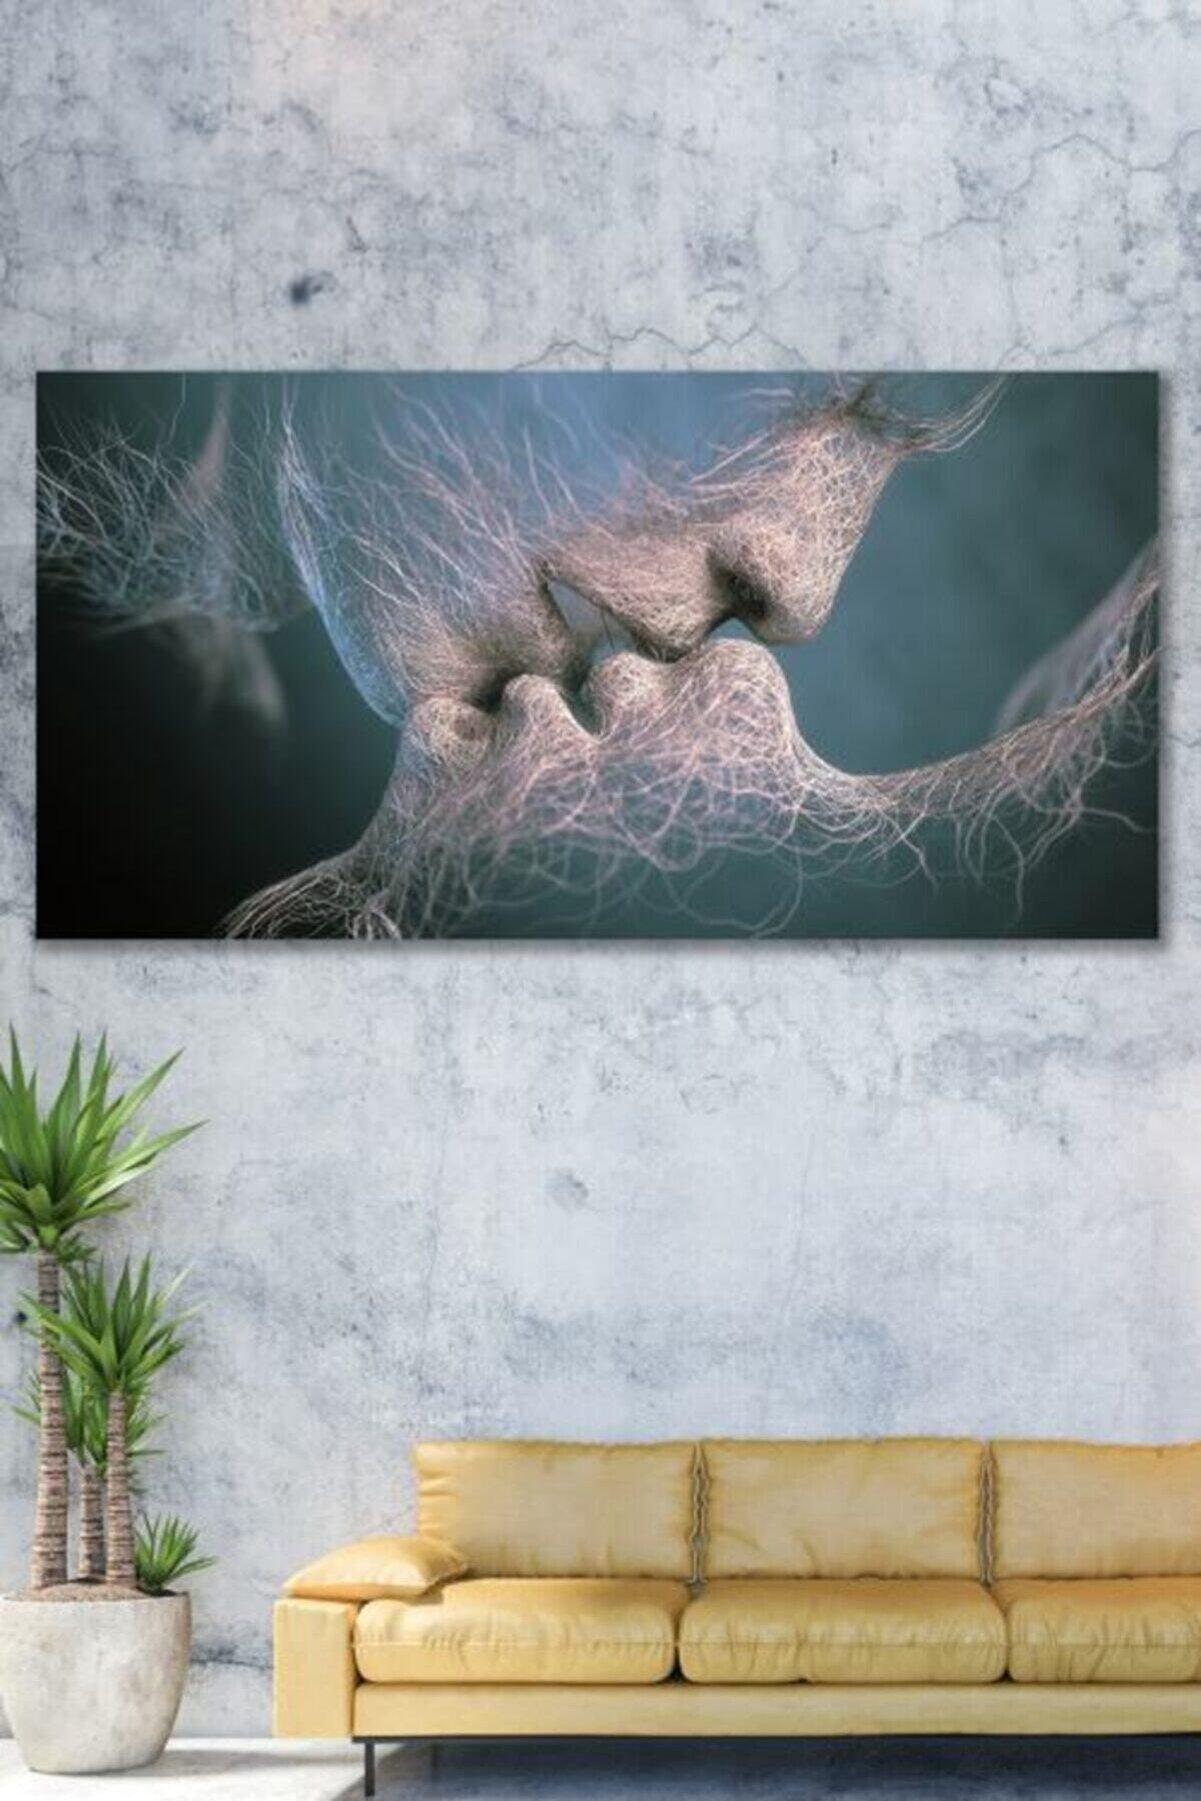 ECELUXE Sürreal Duvar Kanvas Tablo 60x120